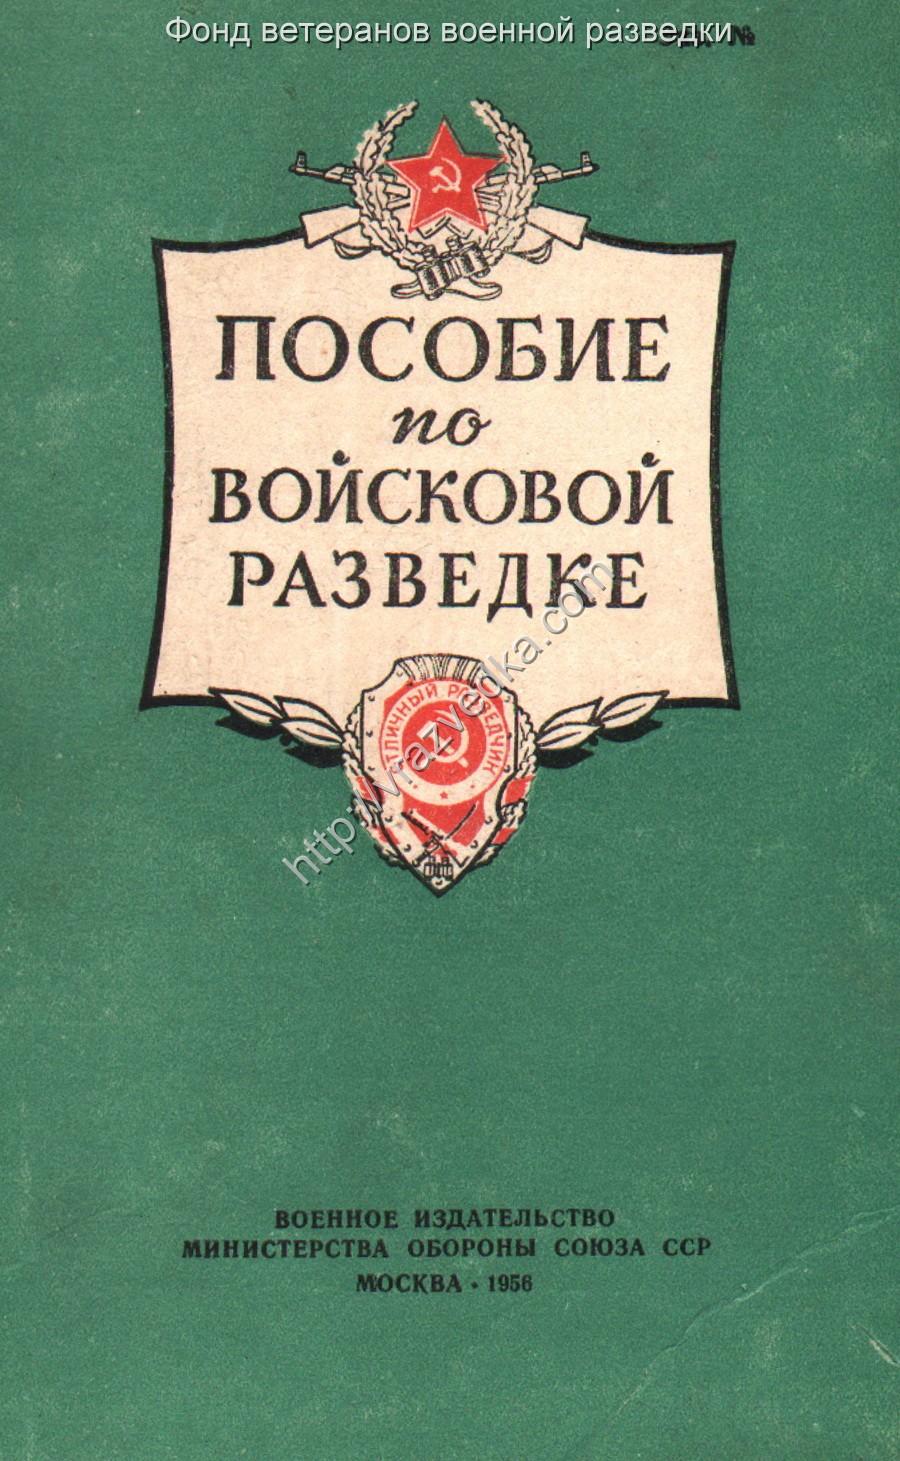 Книга подготовка разведчика скачать